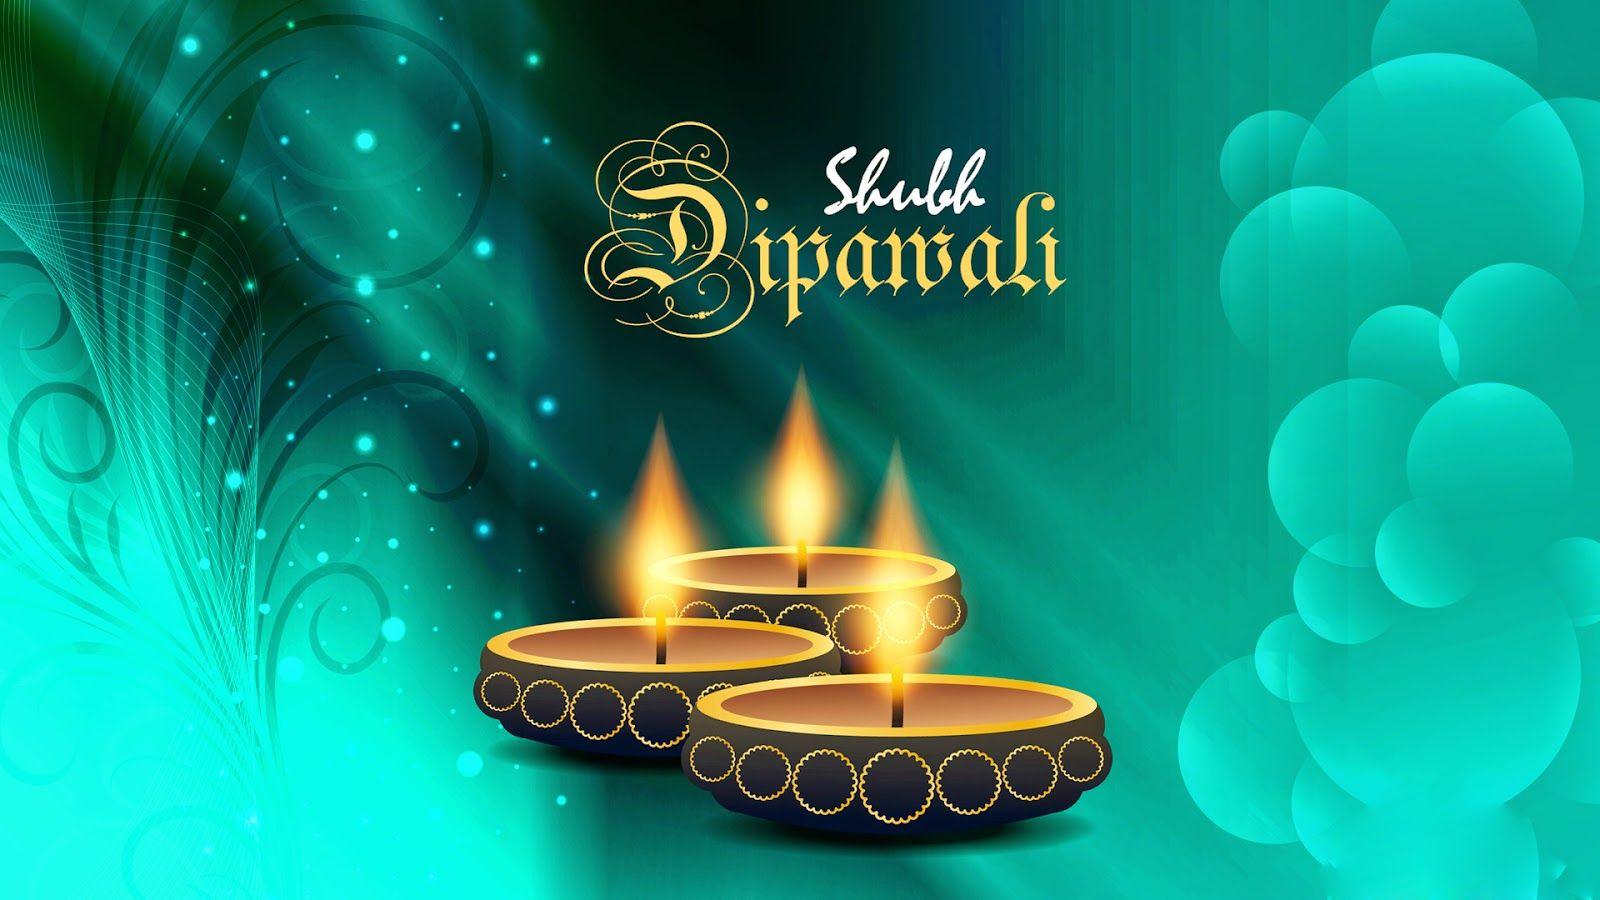 Latest Diwali Wallpaper